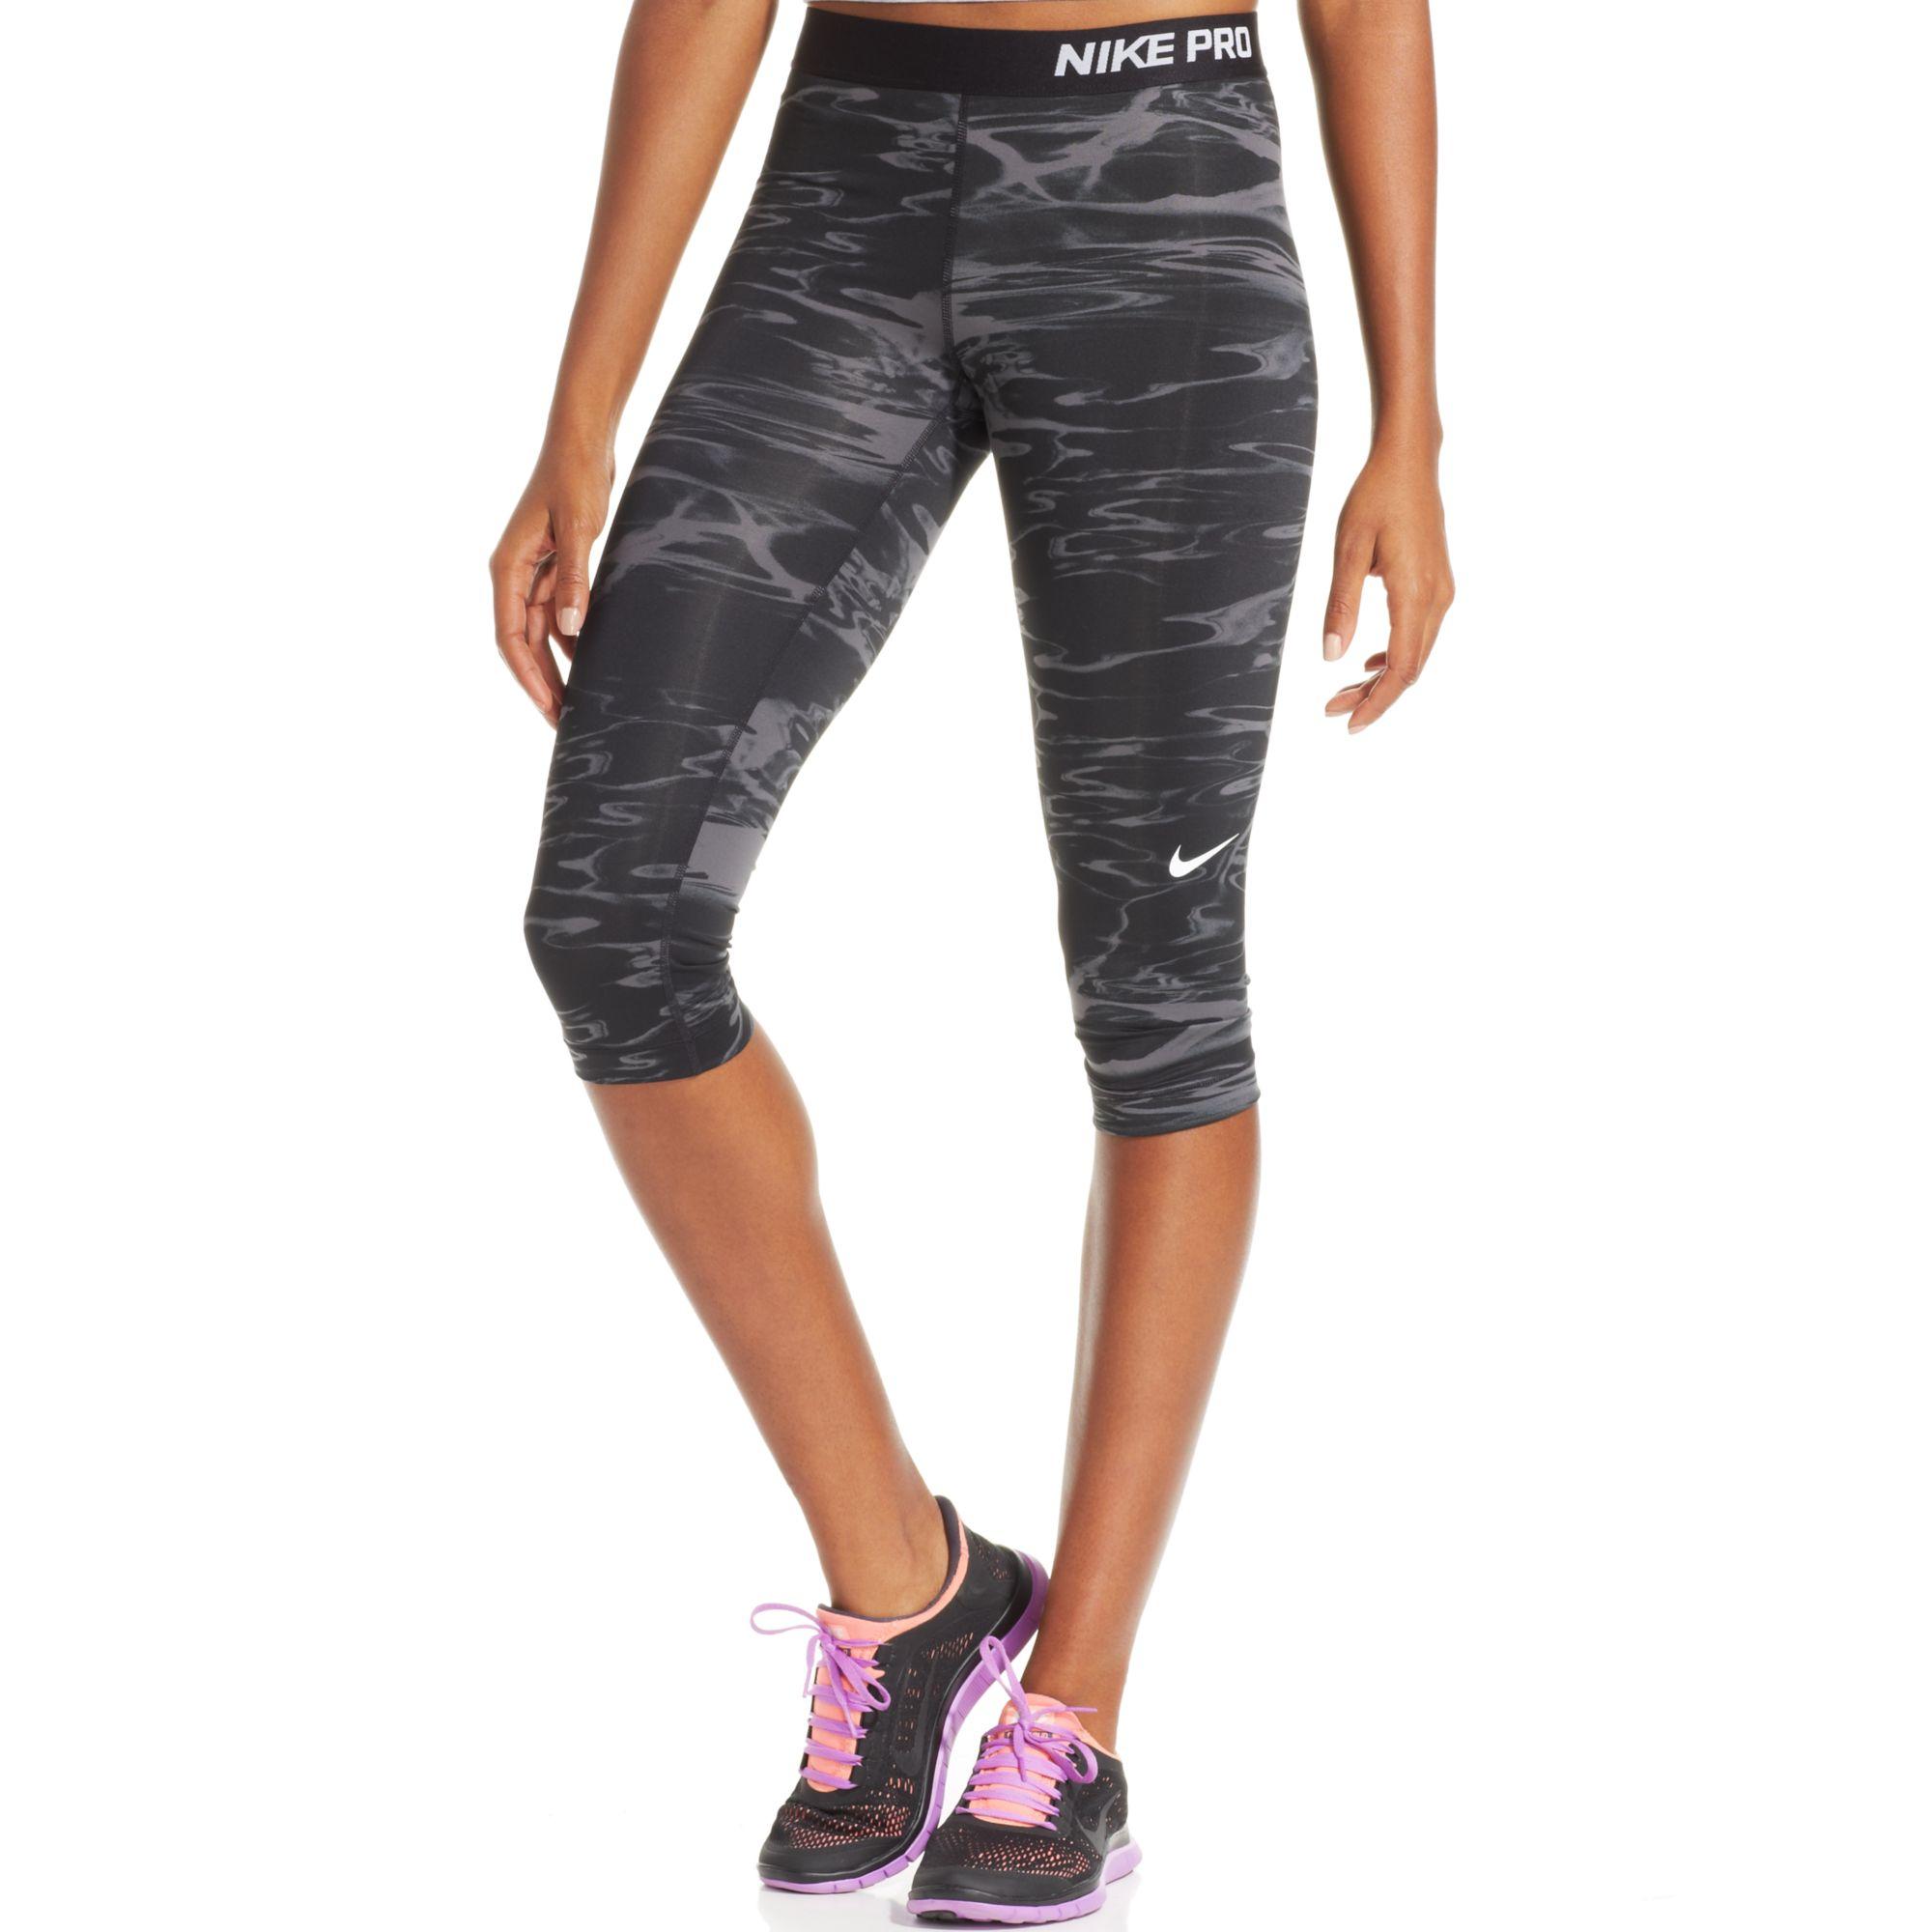 Nike pro capri leggings where to get nike shoes